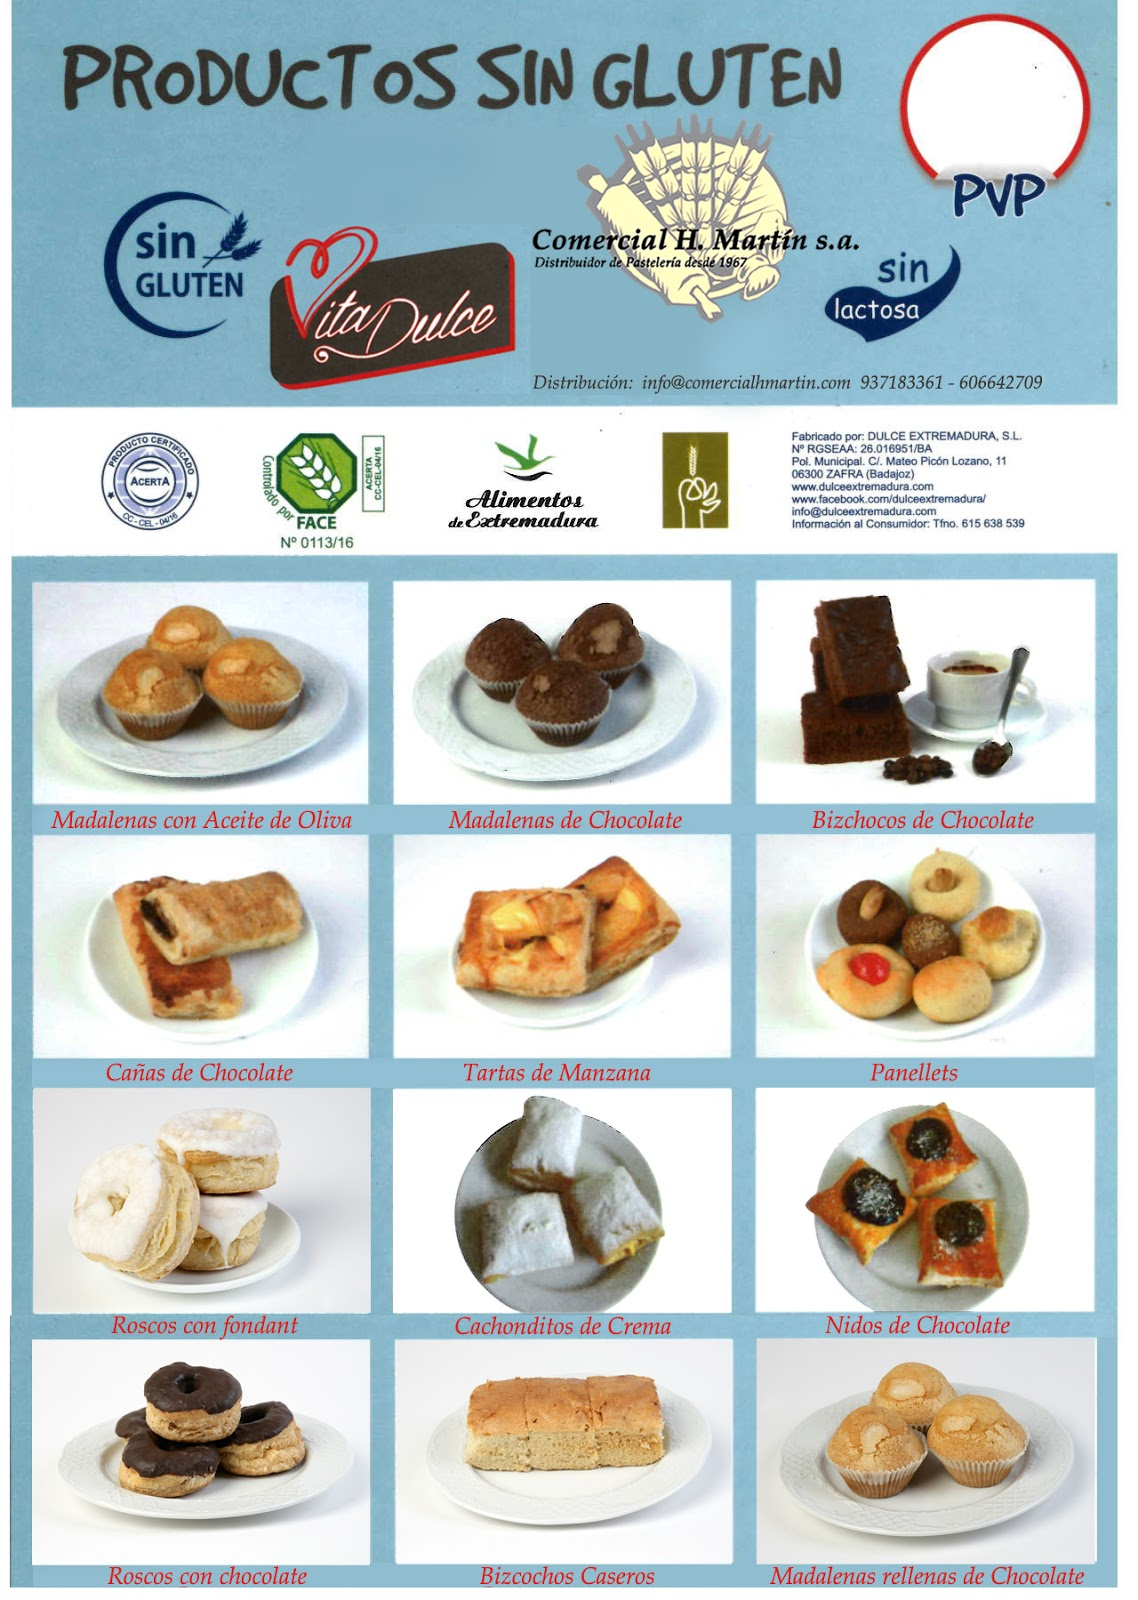 comercial h. martín s.a. - distribuidor de pasteleria: sin gluten y